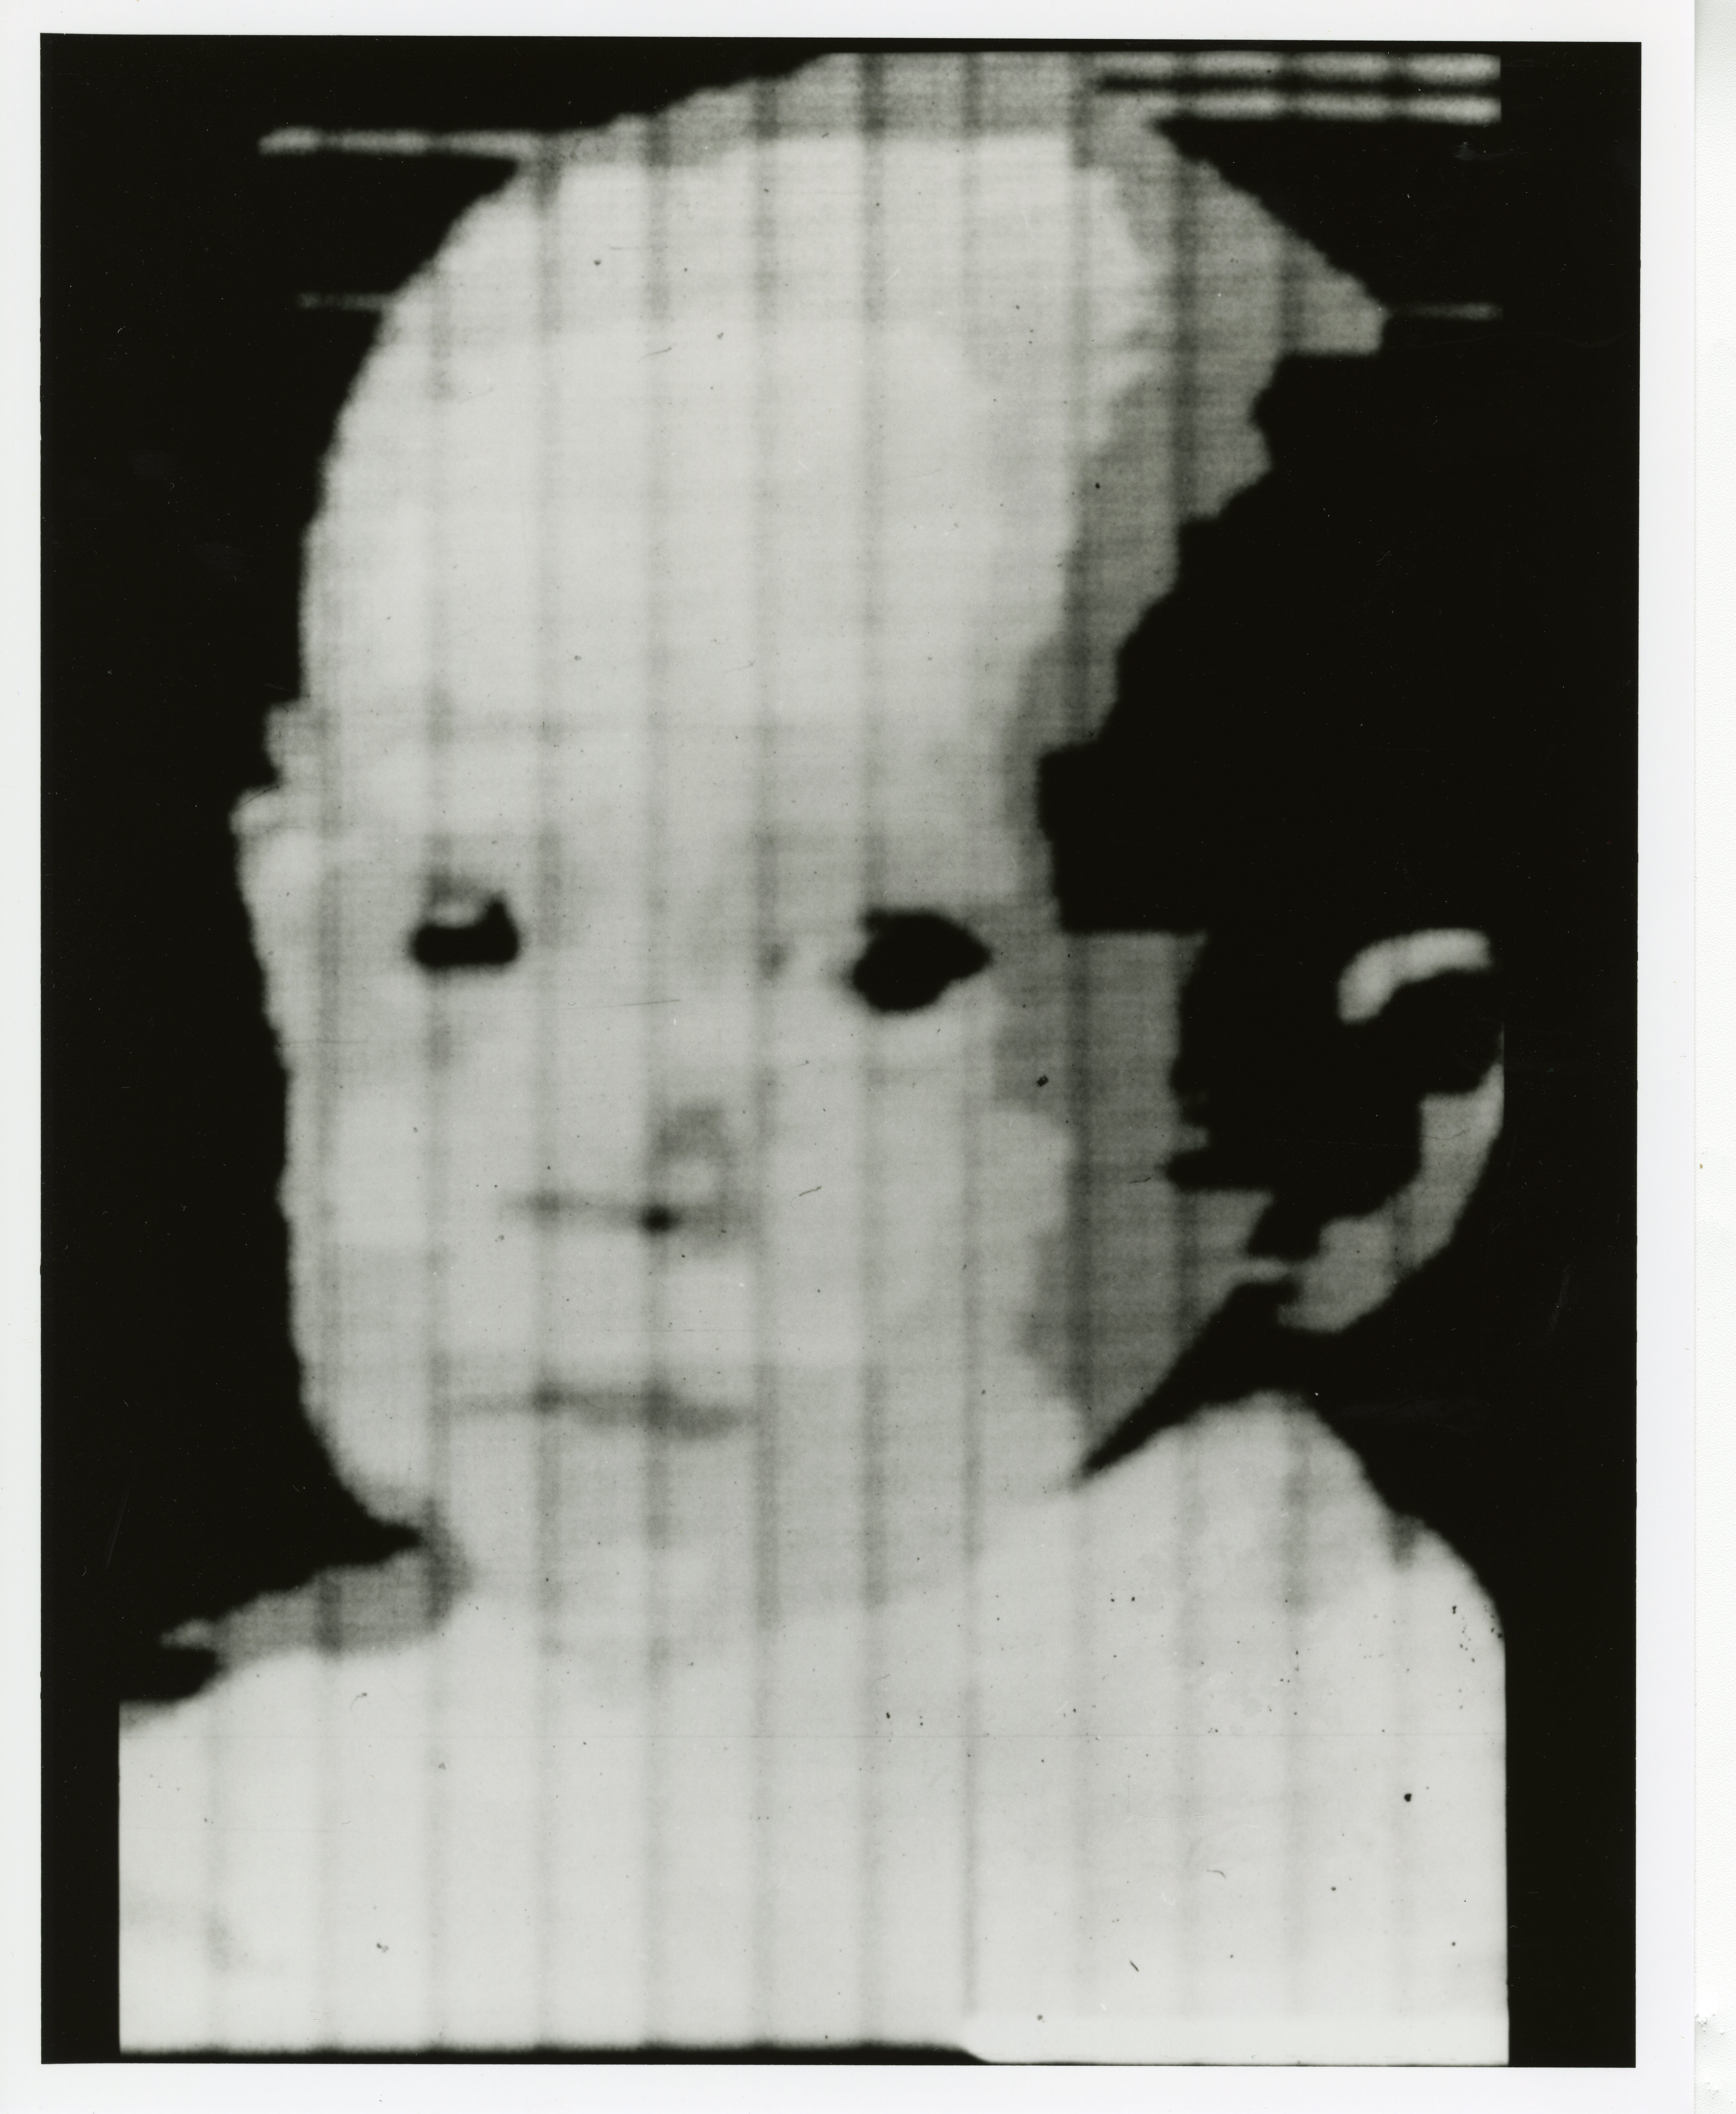 L'une des premières images numériquse au monde, qui représente Walden Kirsch, fils du chercheur Russell Kirsch